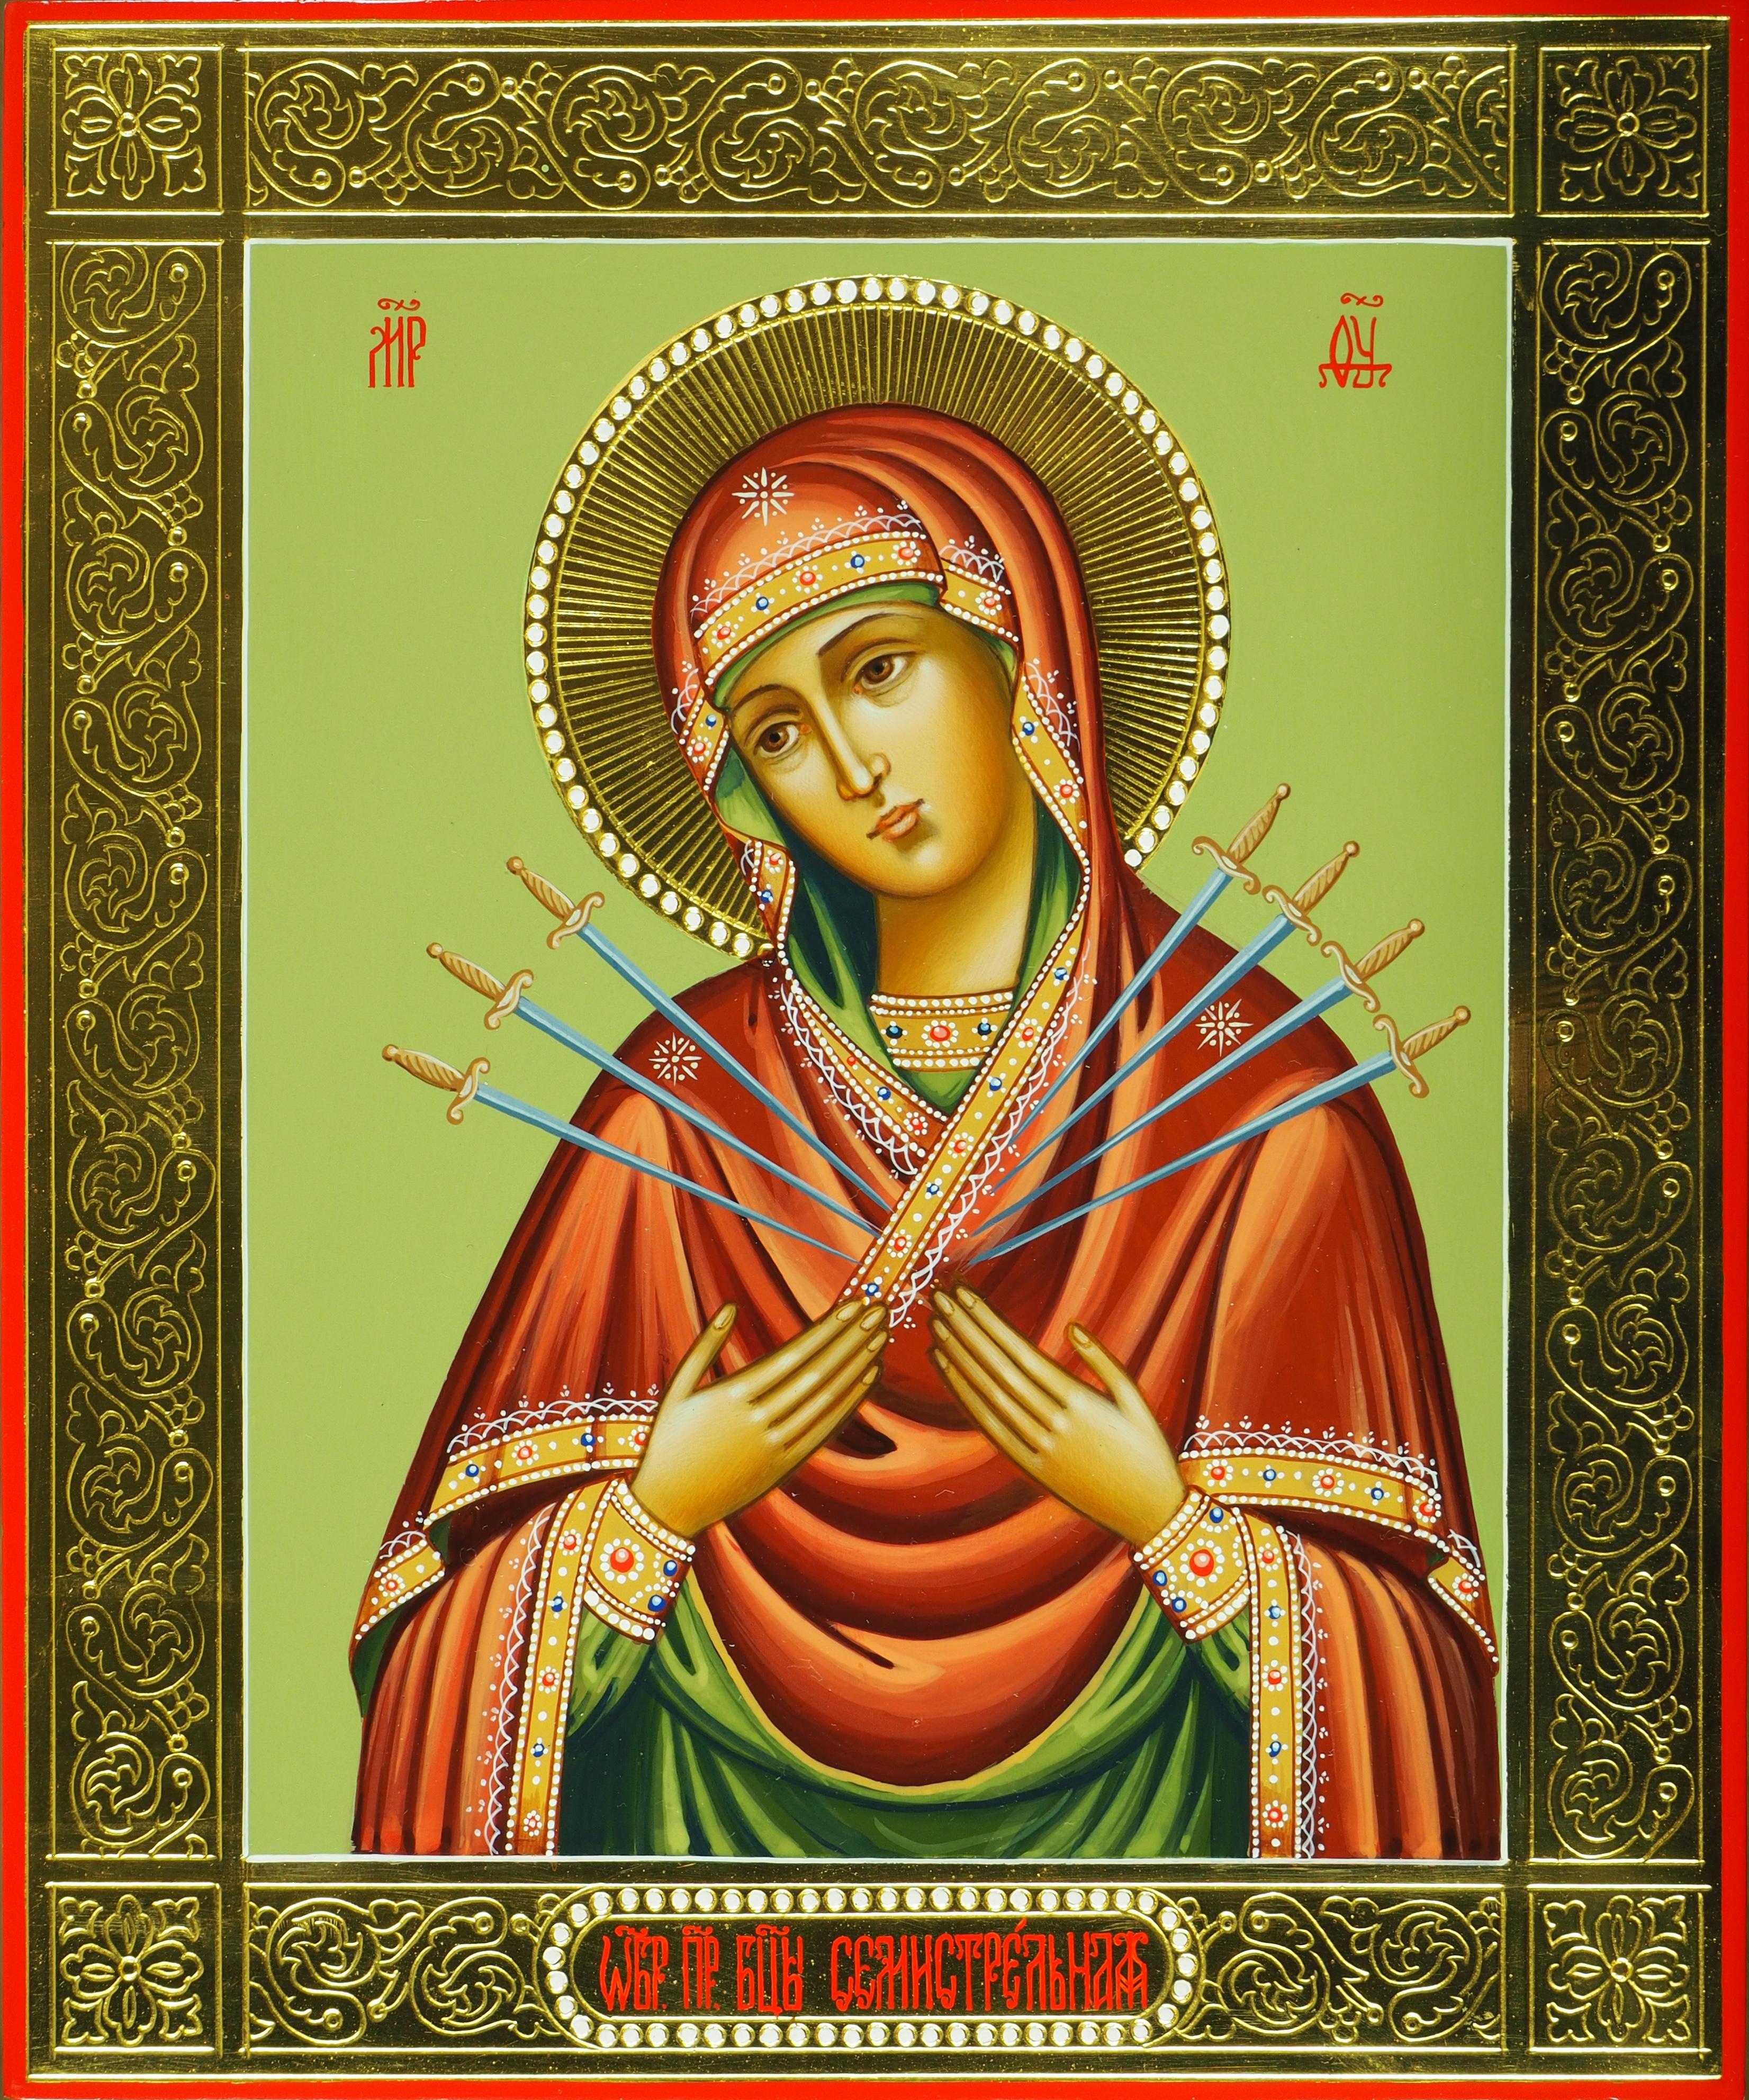 Открытка богородица семистрельная, атлас человека